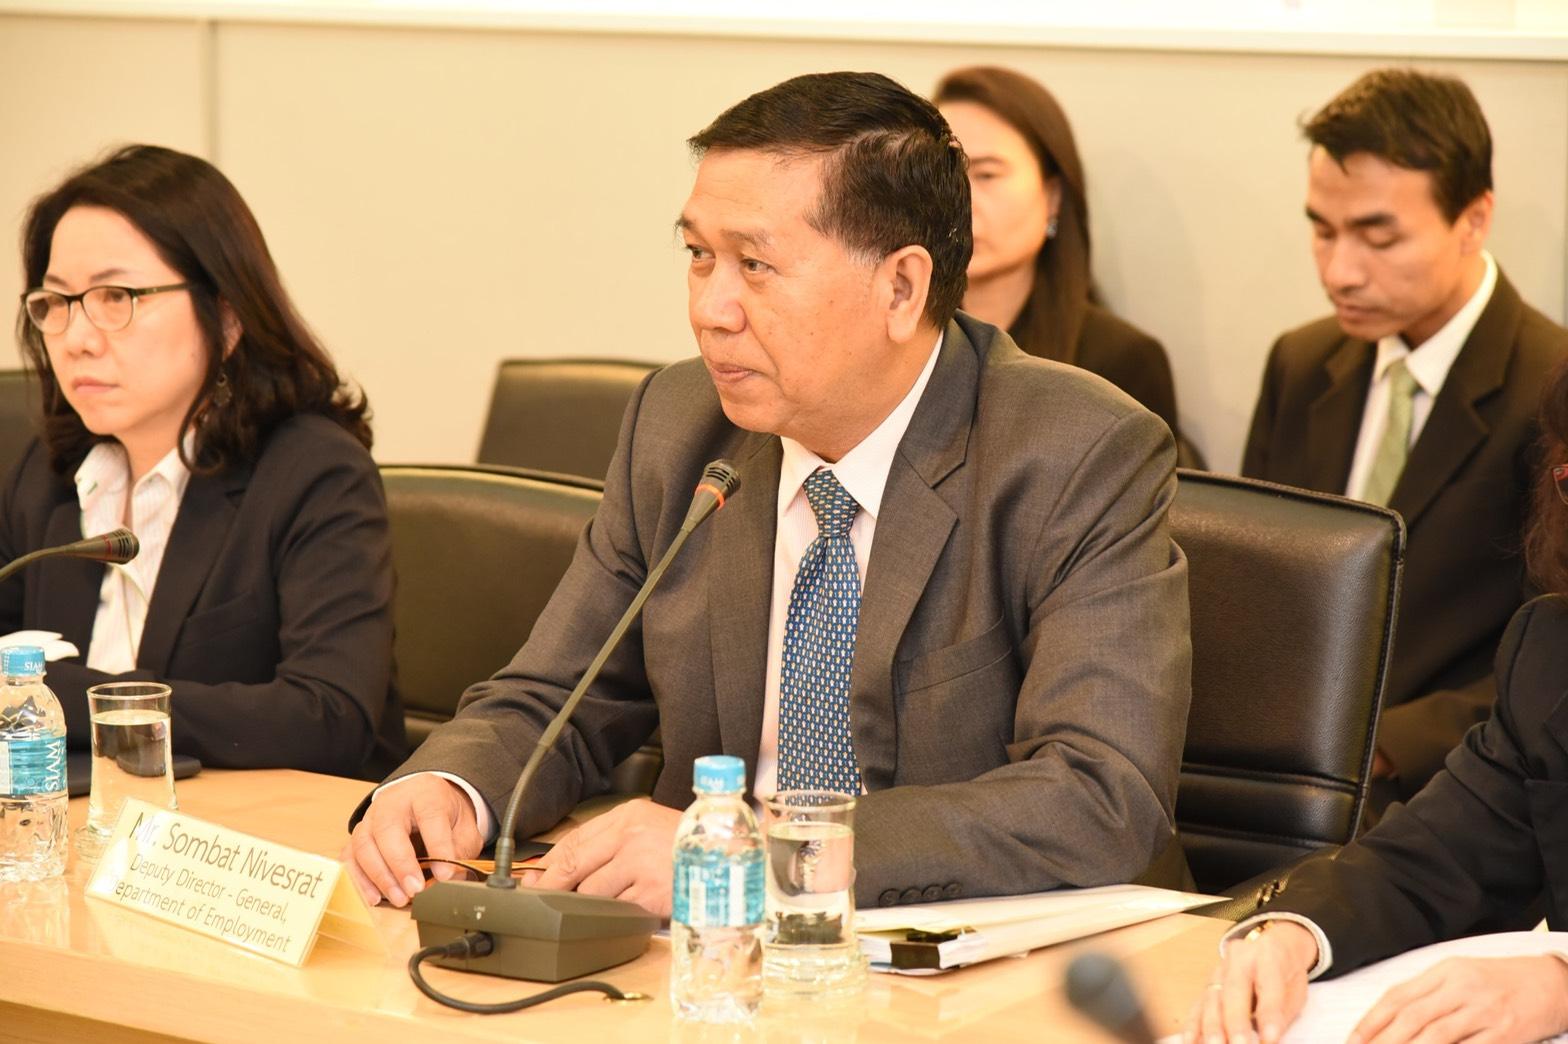 นายสมบัติ  นิเวศรัตน์ รองอธิบดีกรมการจัดหางาน ให้การต้อนรับ Mr. Jae Yoo Lee ผู้อำนวยการศูนย์บริการตรวจคนเข้าเมืองแห่งสาธารณรัฐเกาหลี และคณะ